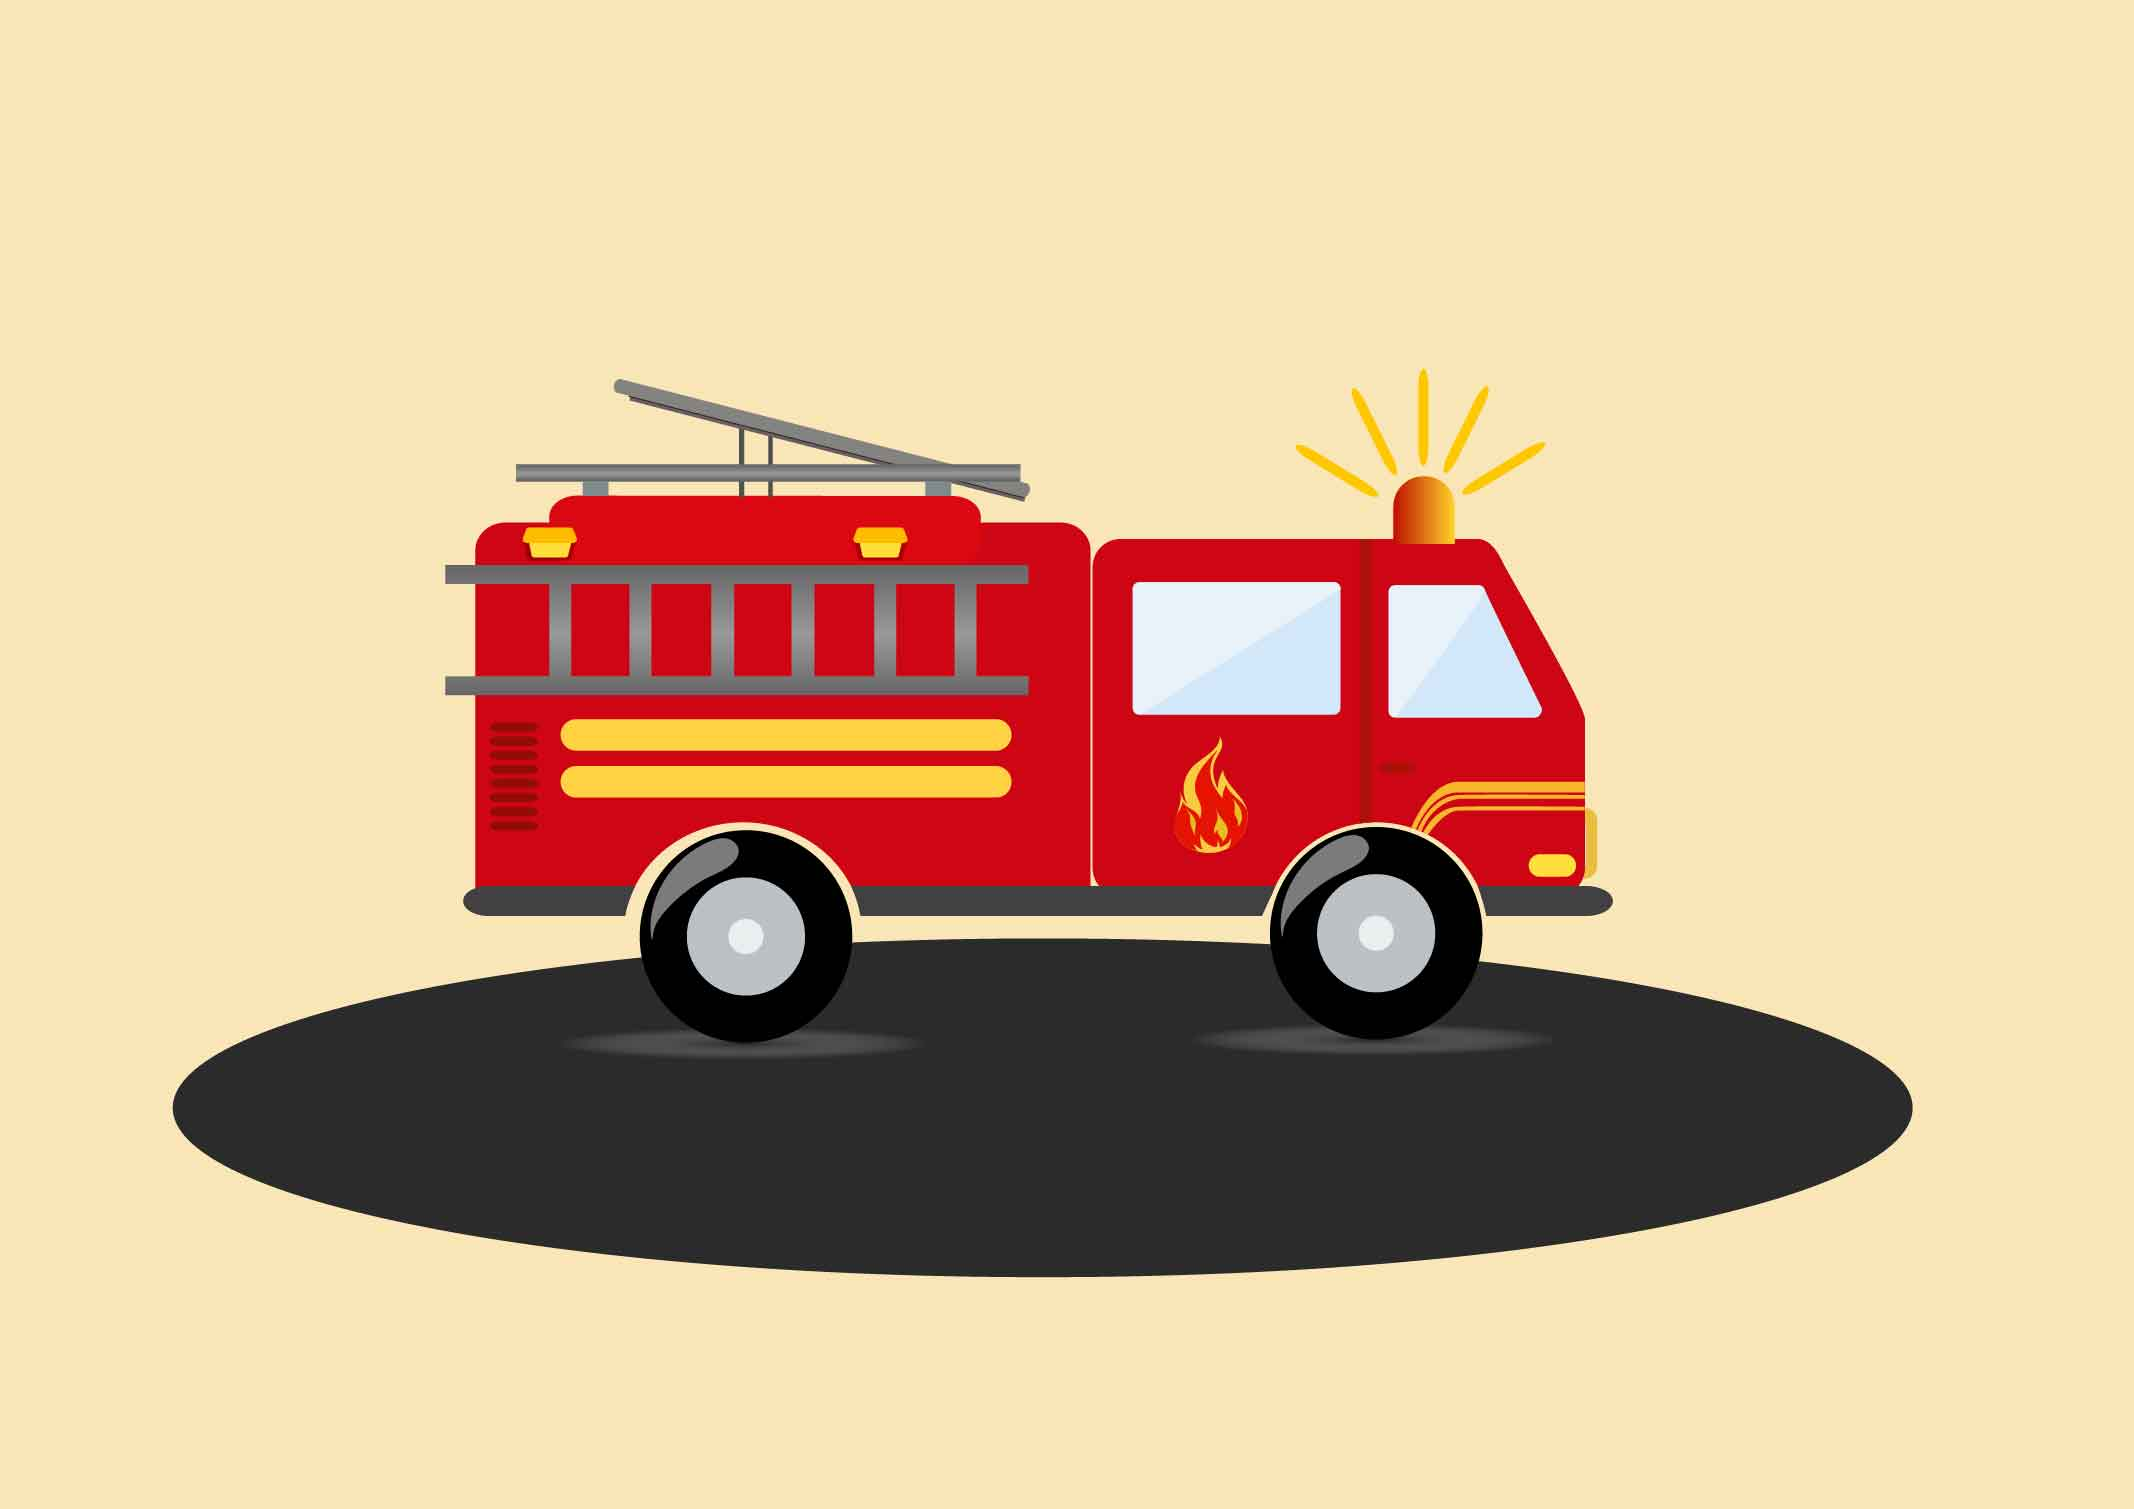 消防工程师为什么这么火_消防工程师证有什么用_消防工程师根本没人要